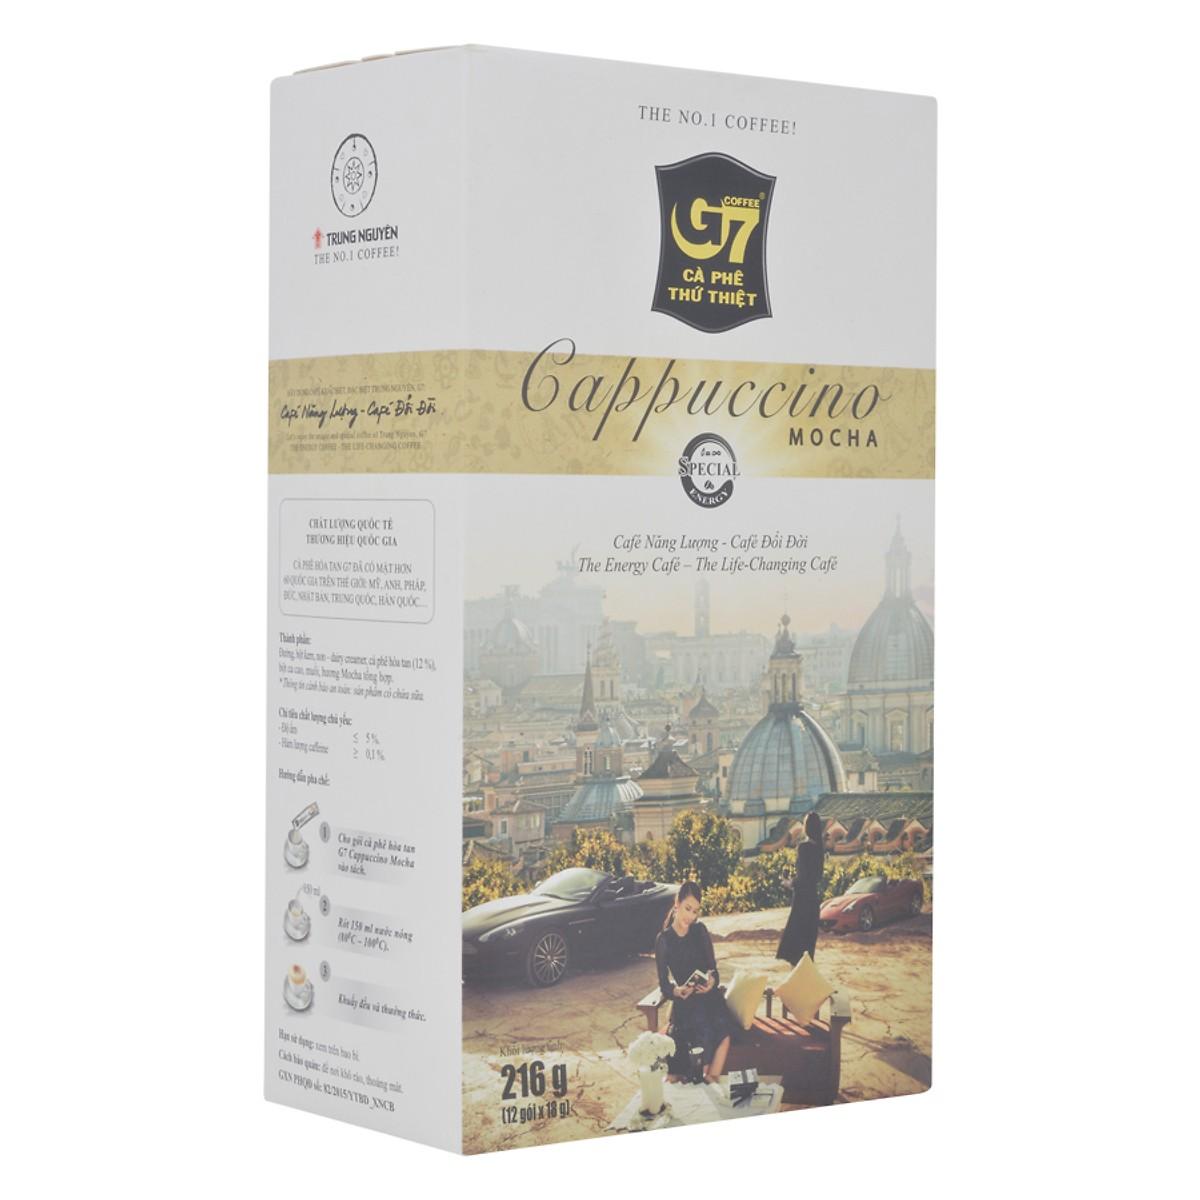 ca-phe-cappuccino-huong-mocha-trung-nguyen-hop-12-goi